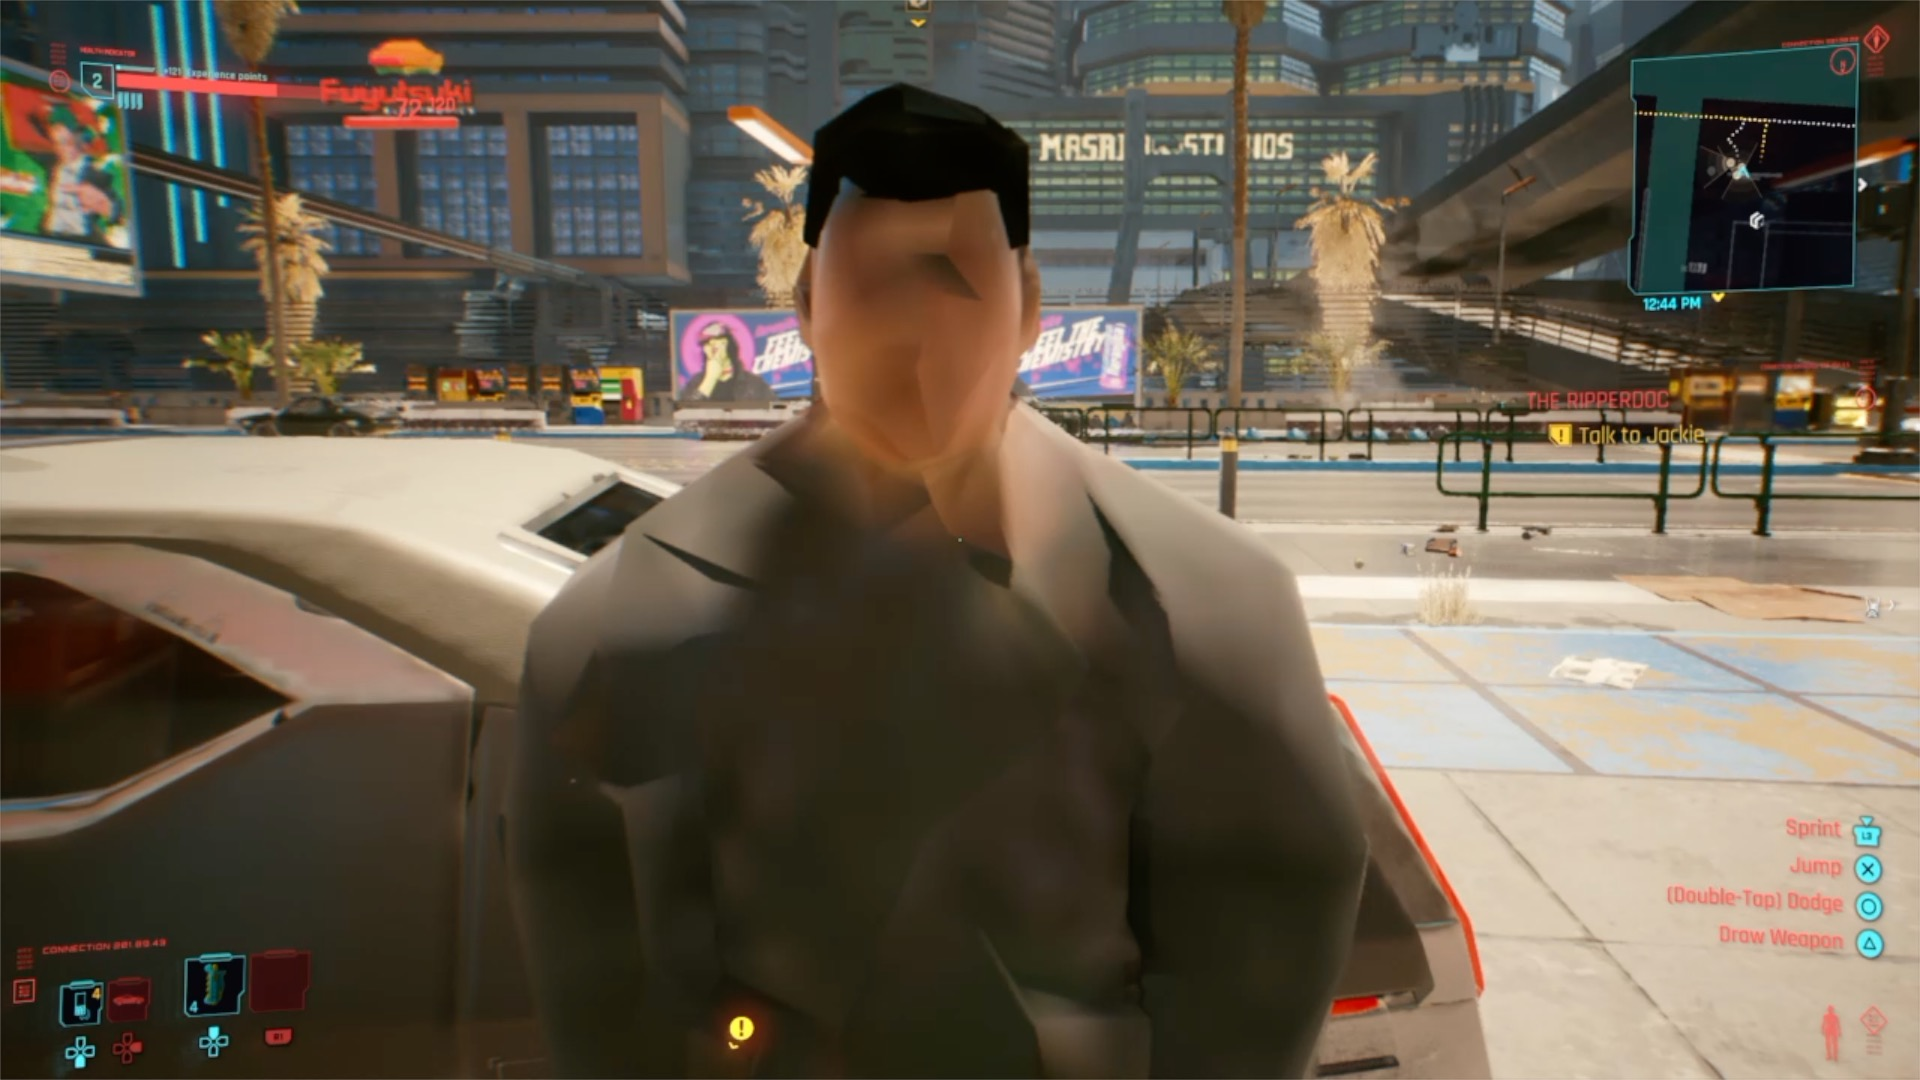 Этот кадр из версии Cyberpunk 2077 для PS4 уже разолетелся в сети / фото twitter.com/MichaelDoesLife